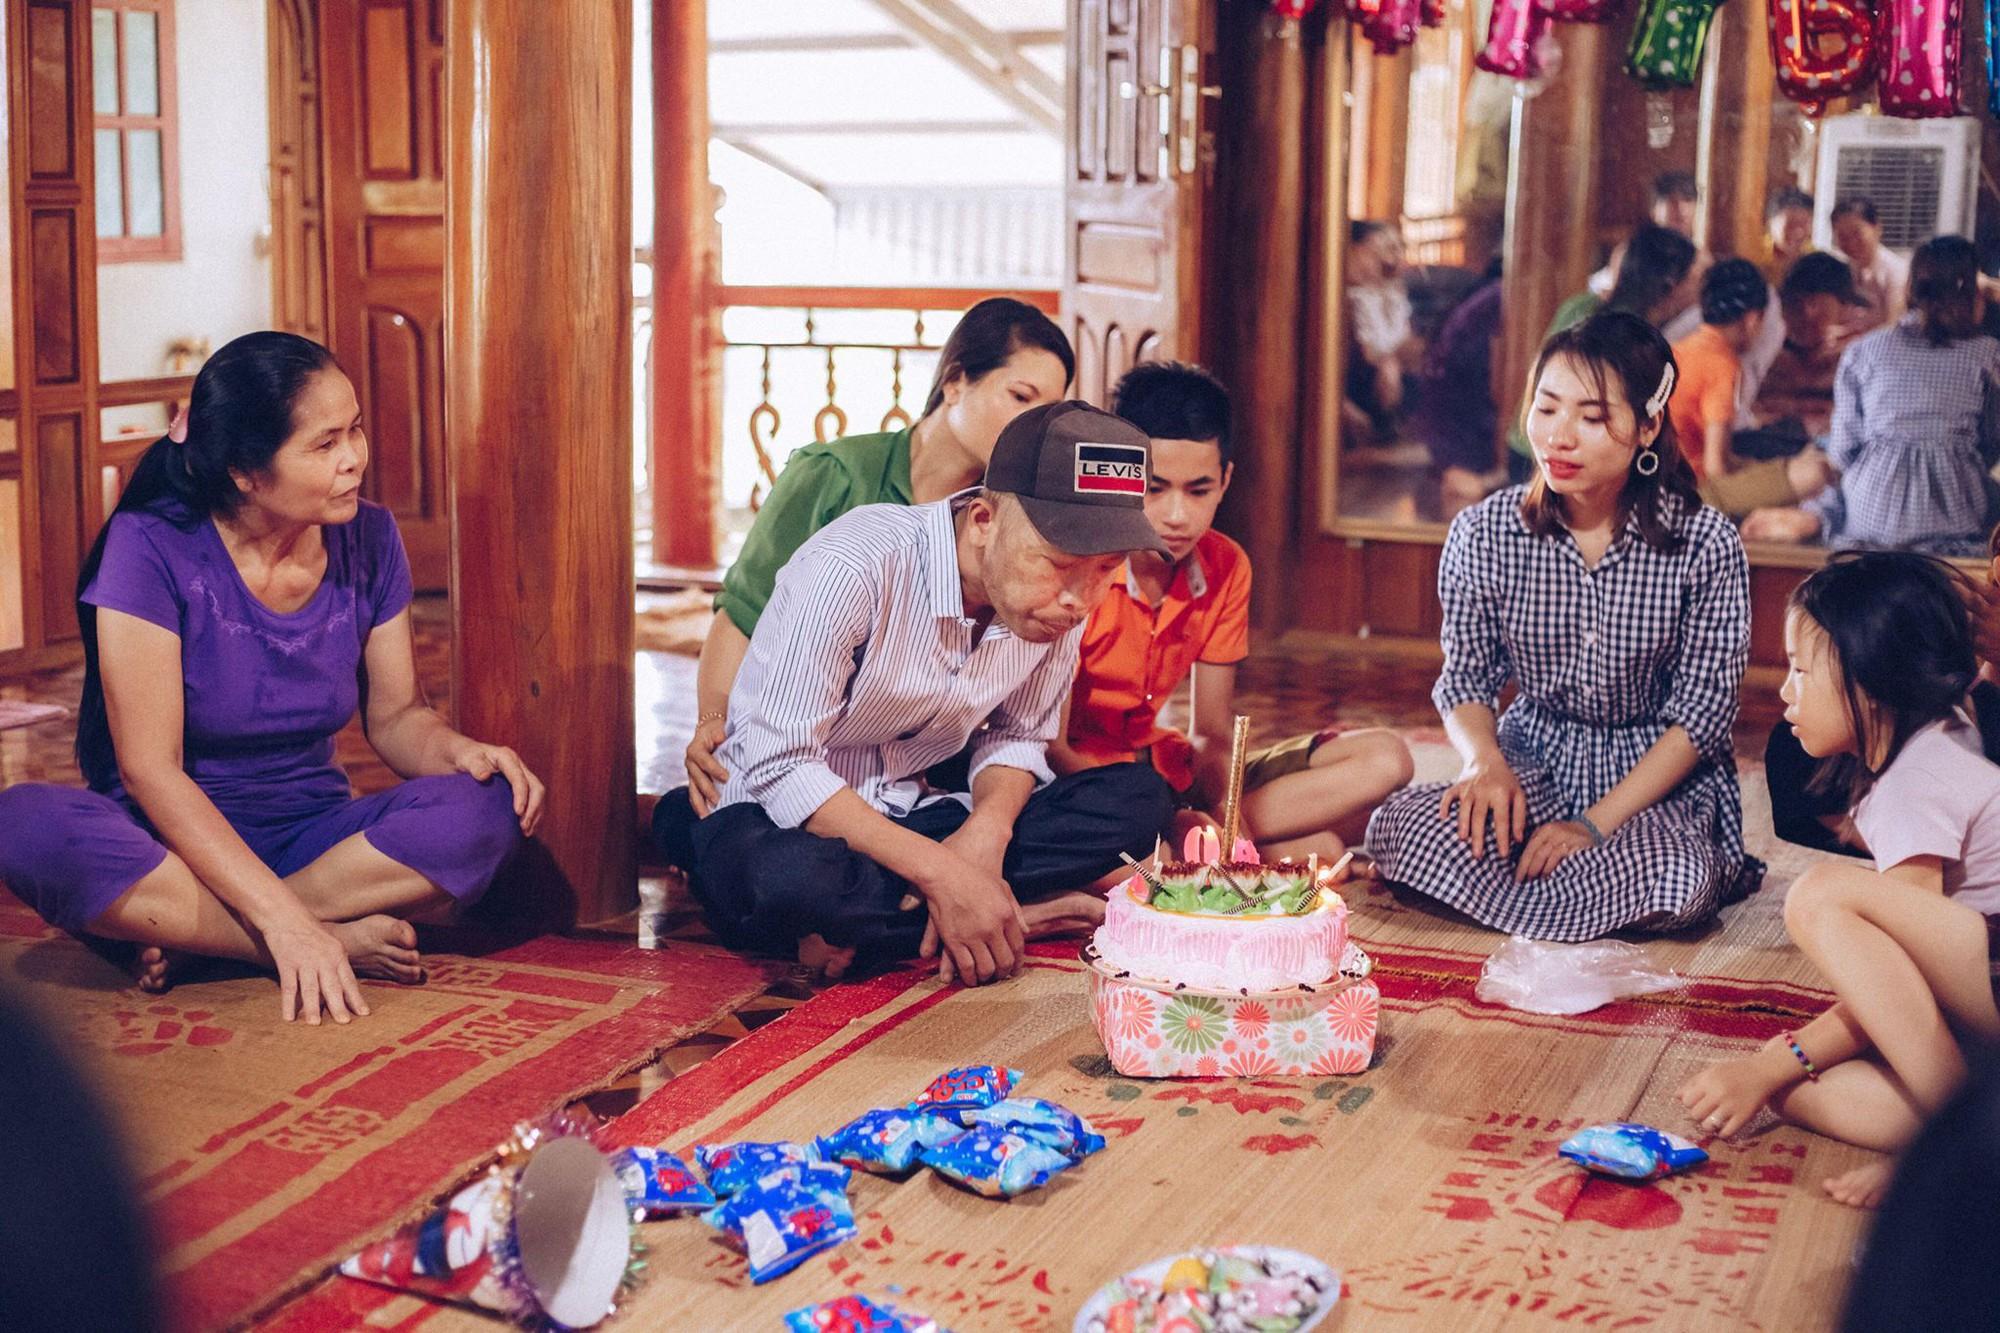 Nghẹn ngào câu chuyện cô gái cưới gấp để hoàn thành tâm nguyện của người bố ung thư: Đám cưới mà không có bố thì không còn ý nghĩa-5